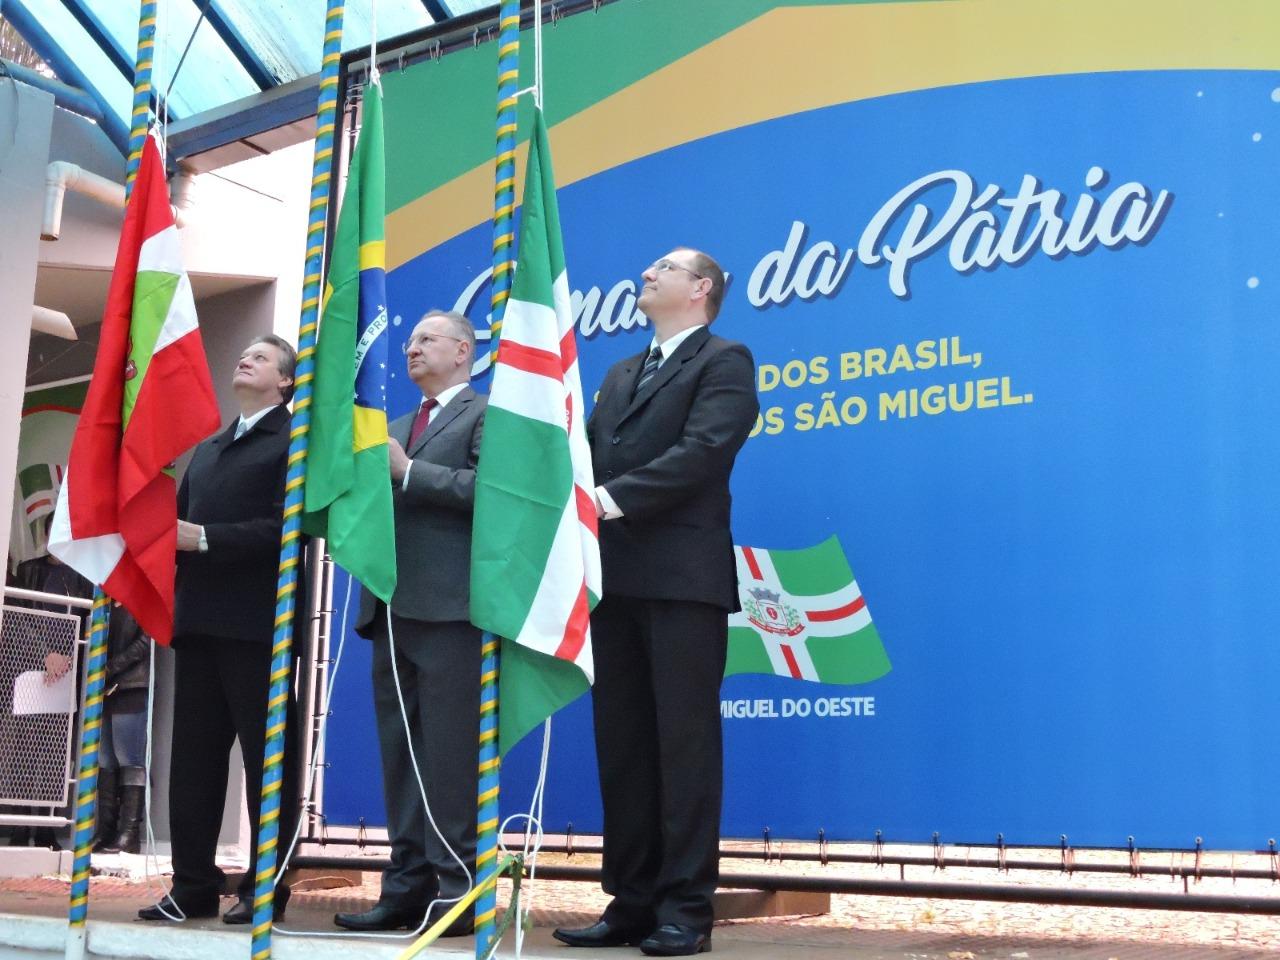 Festejos da Semana da Pátria 2018 iniciam em São Miguel do Oeste